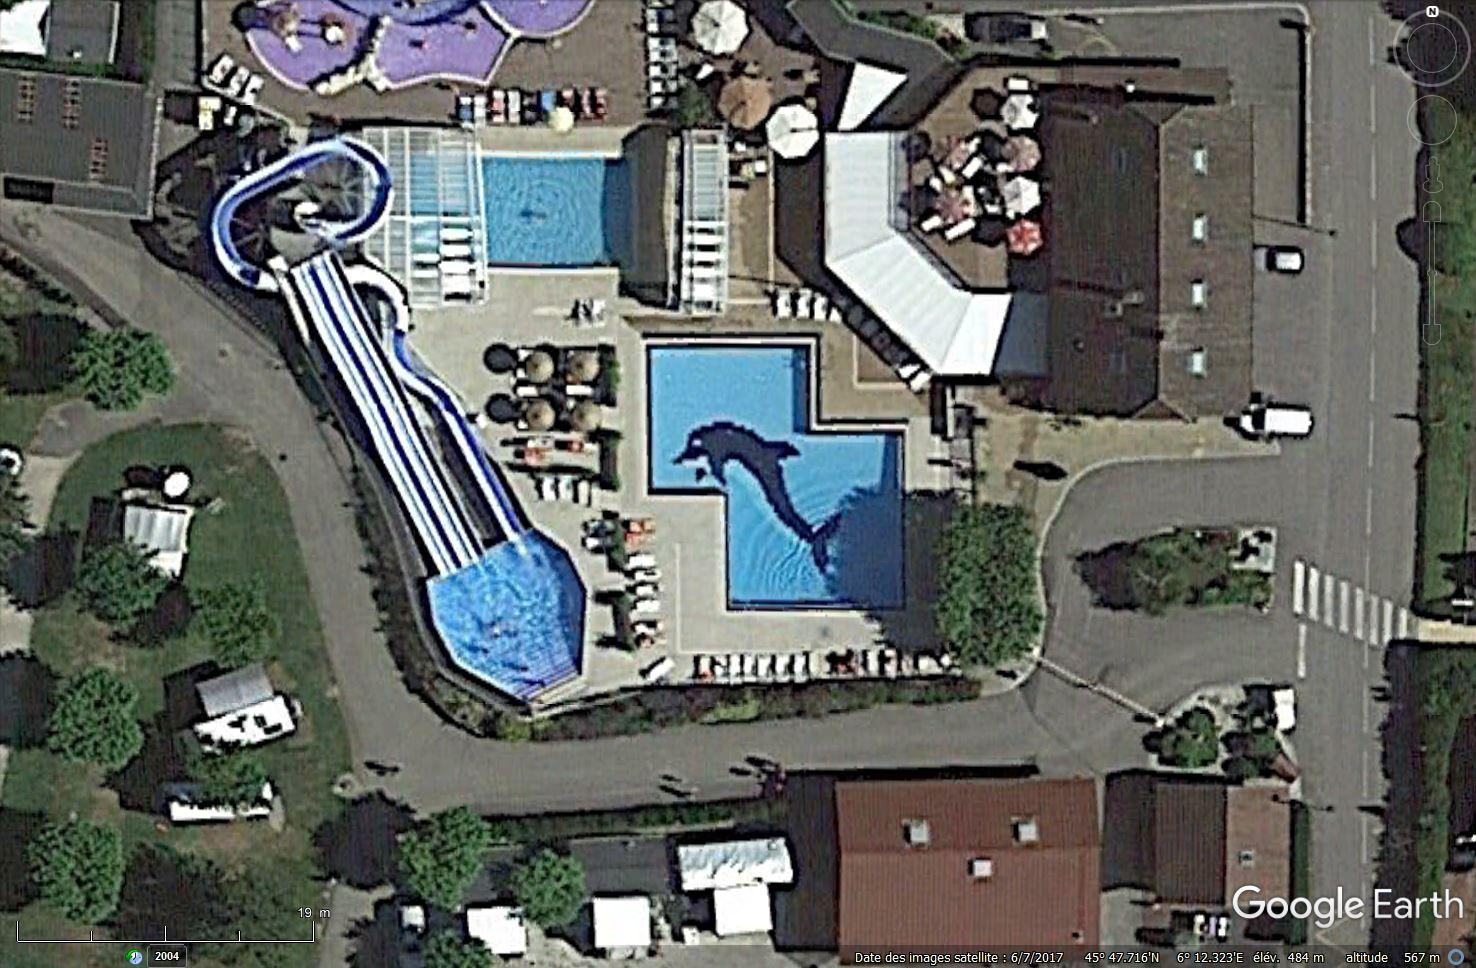 Les piscines du Monde découvertes avec Google Earth - Page 11 Tsge_468